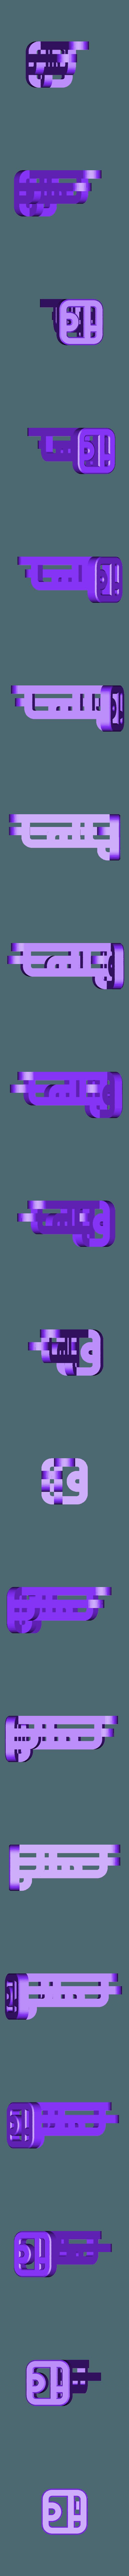 small2.stl Télécharger fichier STL gratuit Boucles de procédure • Design imprimable en 3D, ferjerez3d